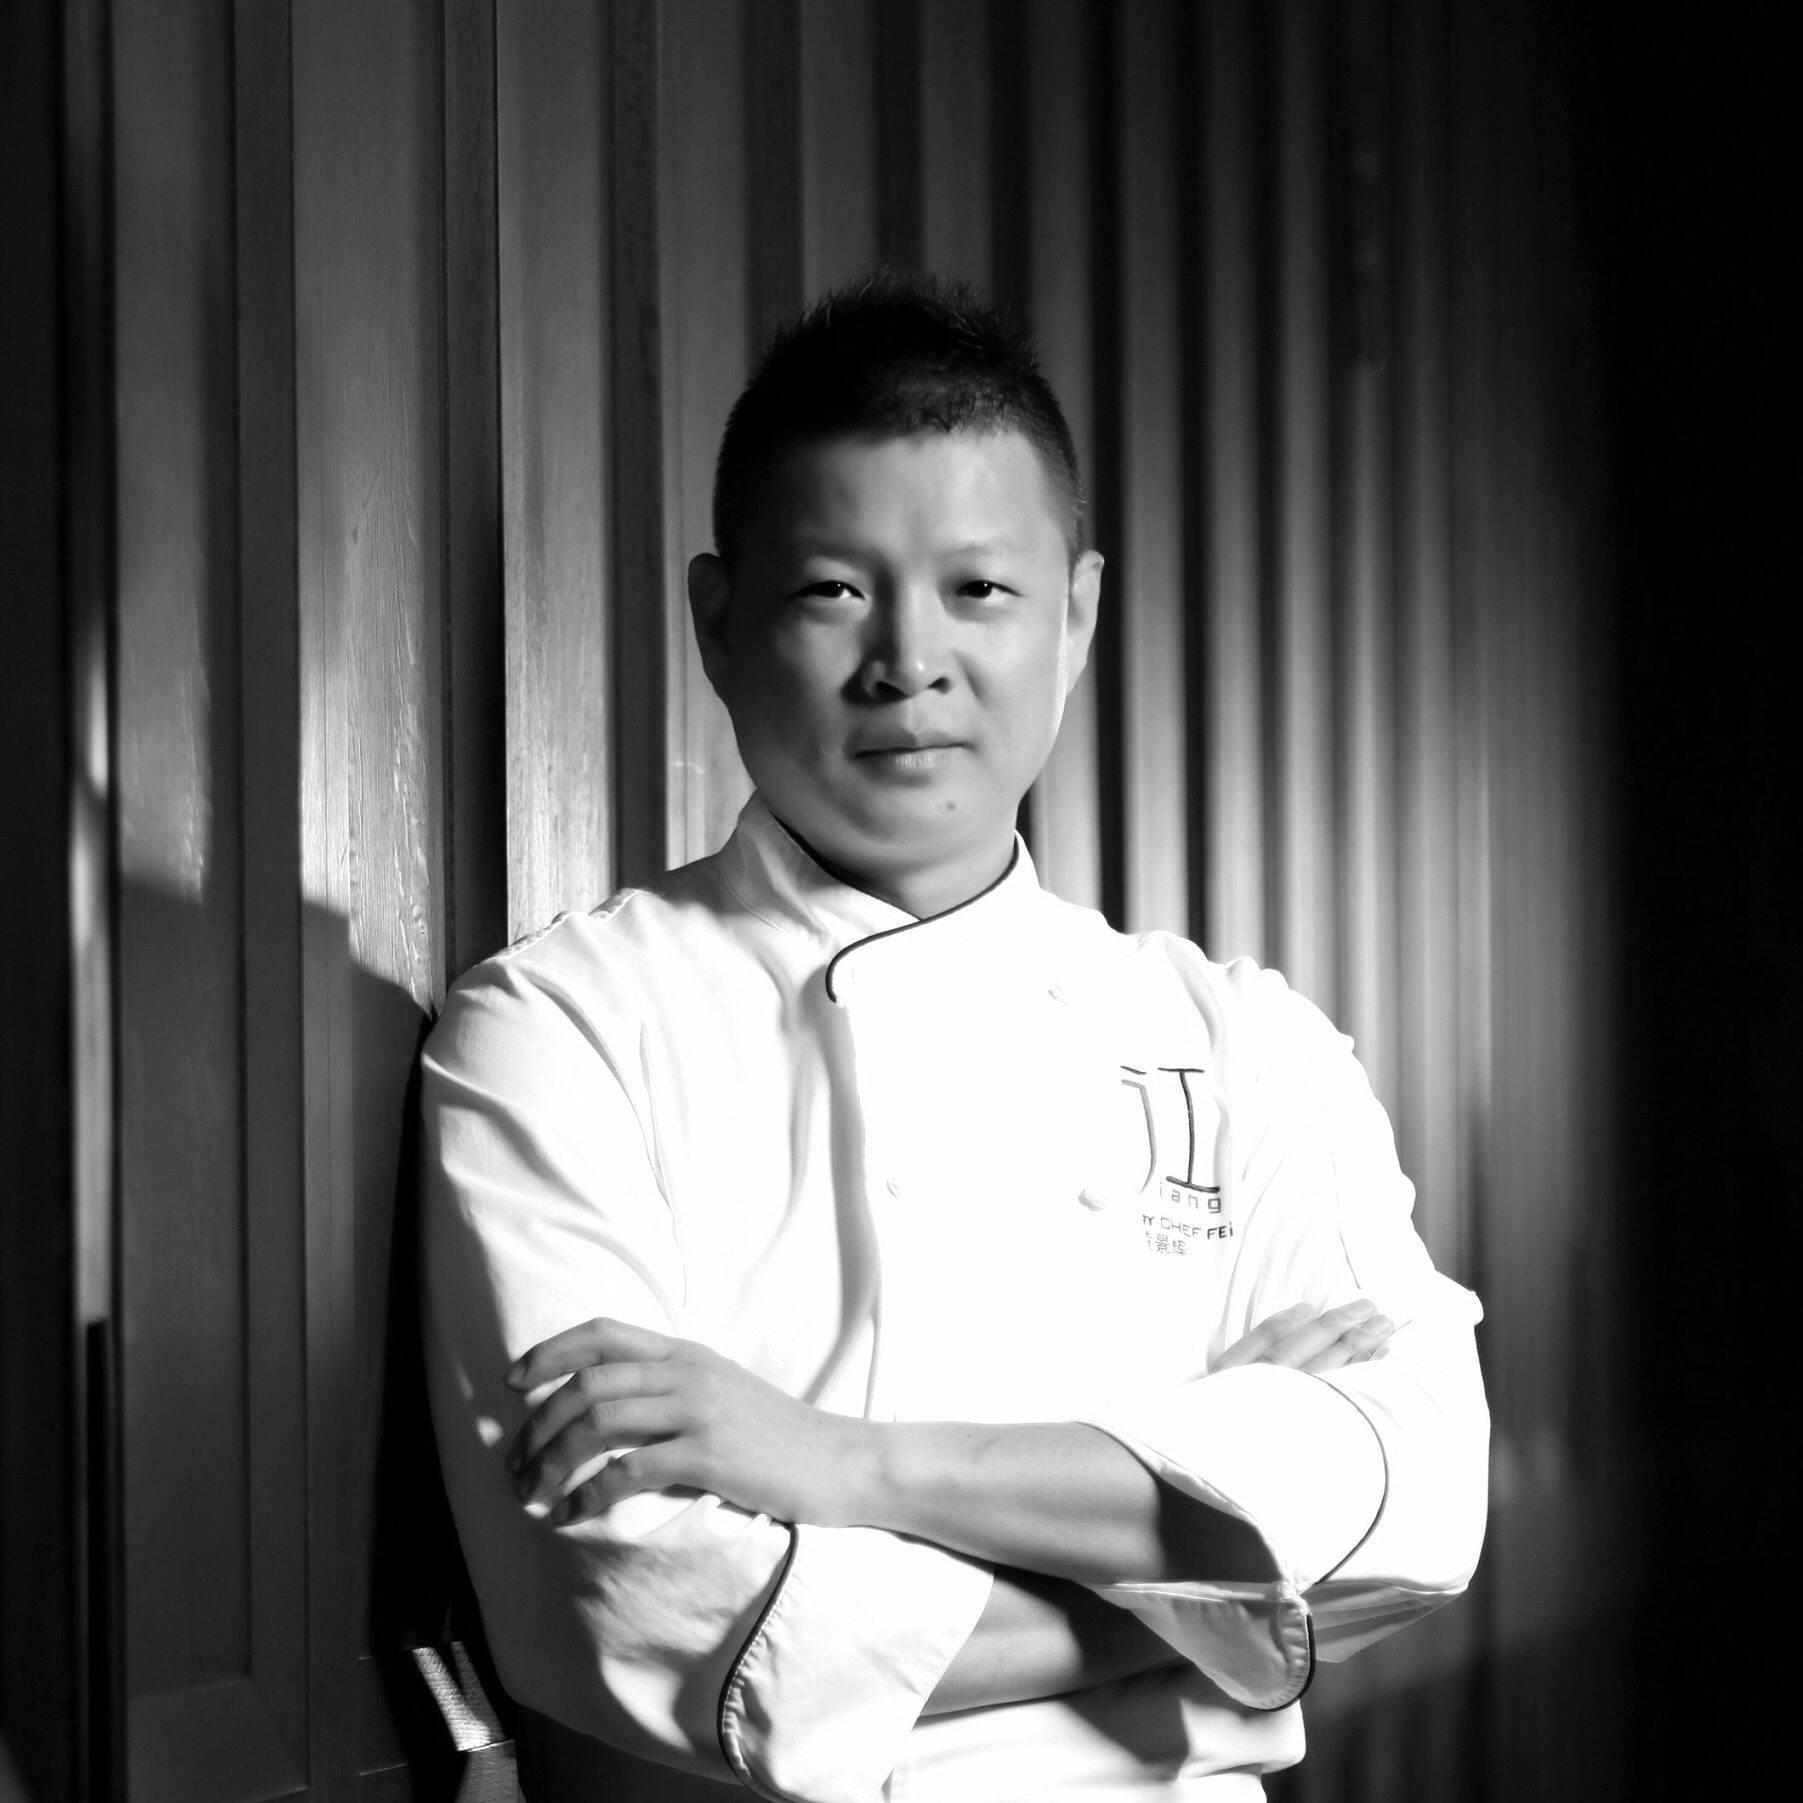 Huang Jing Hui